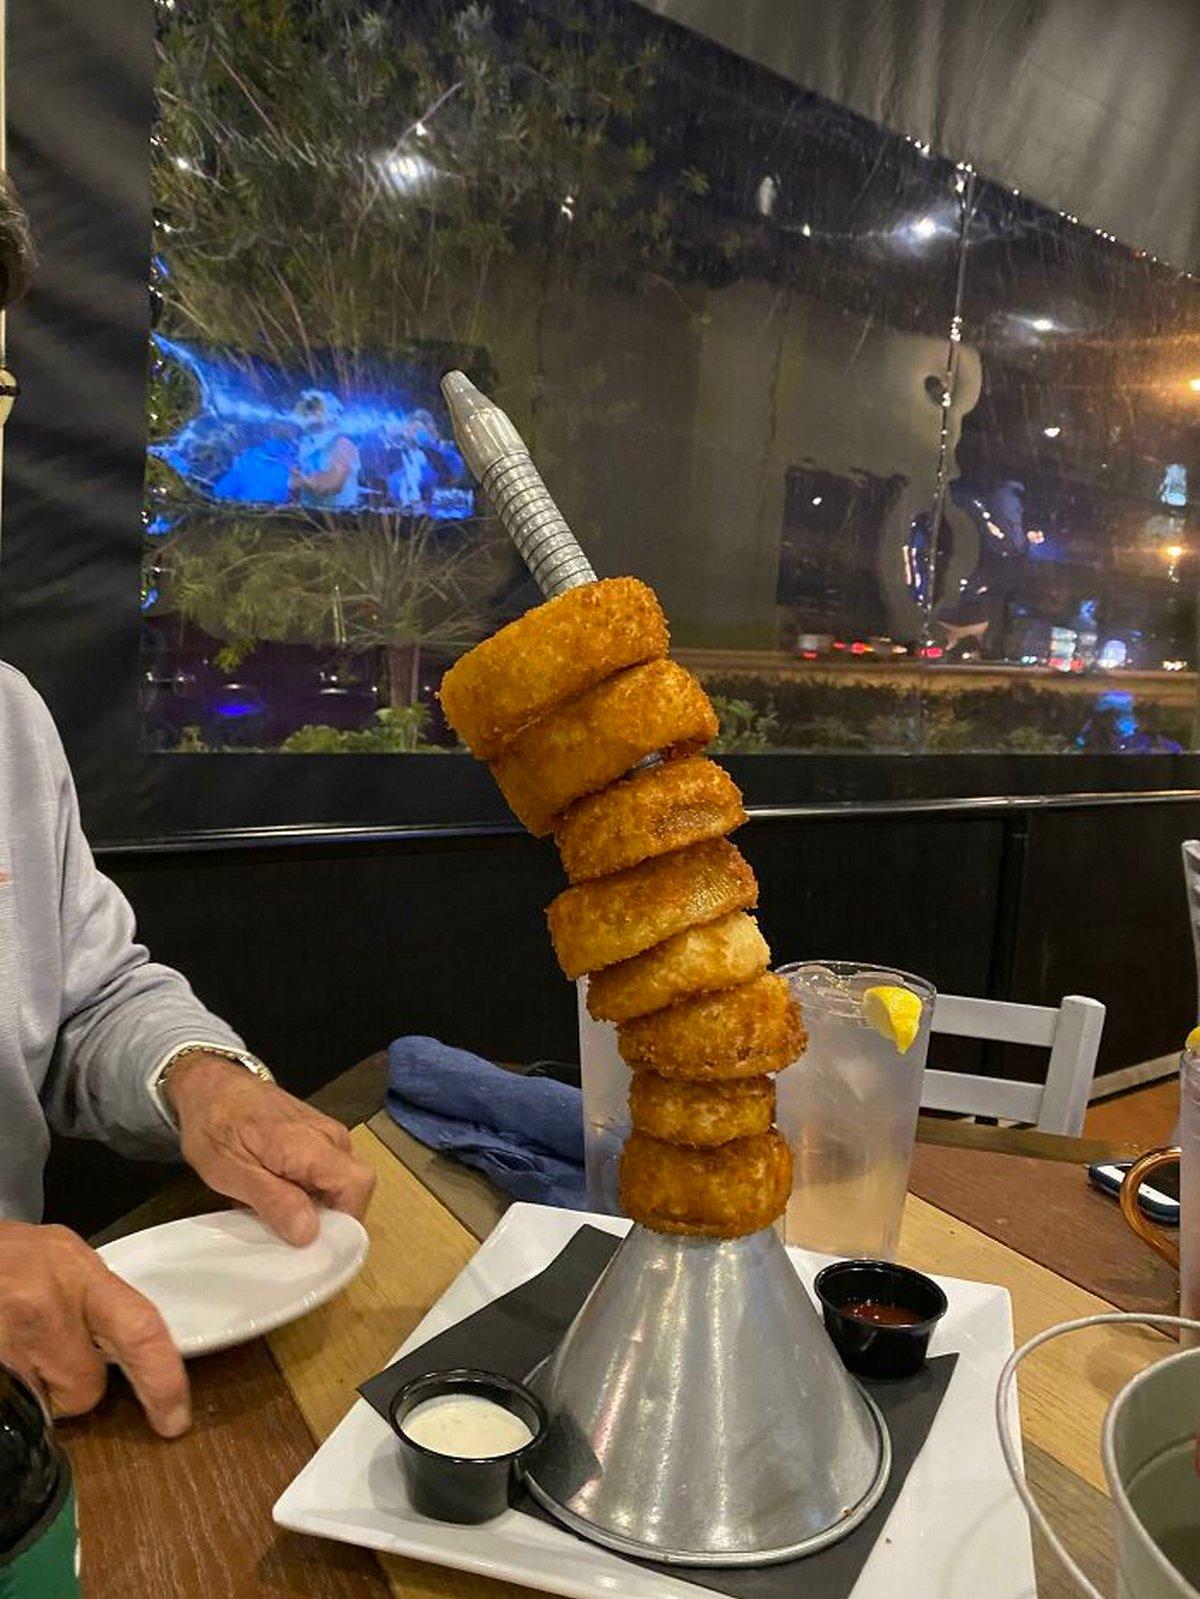 Ces gens ont obtenu les plats les plus ridicules de l'industrie de la restauration